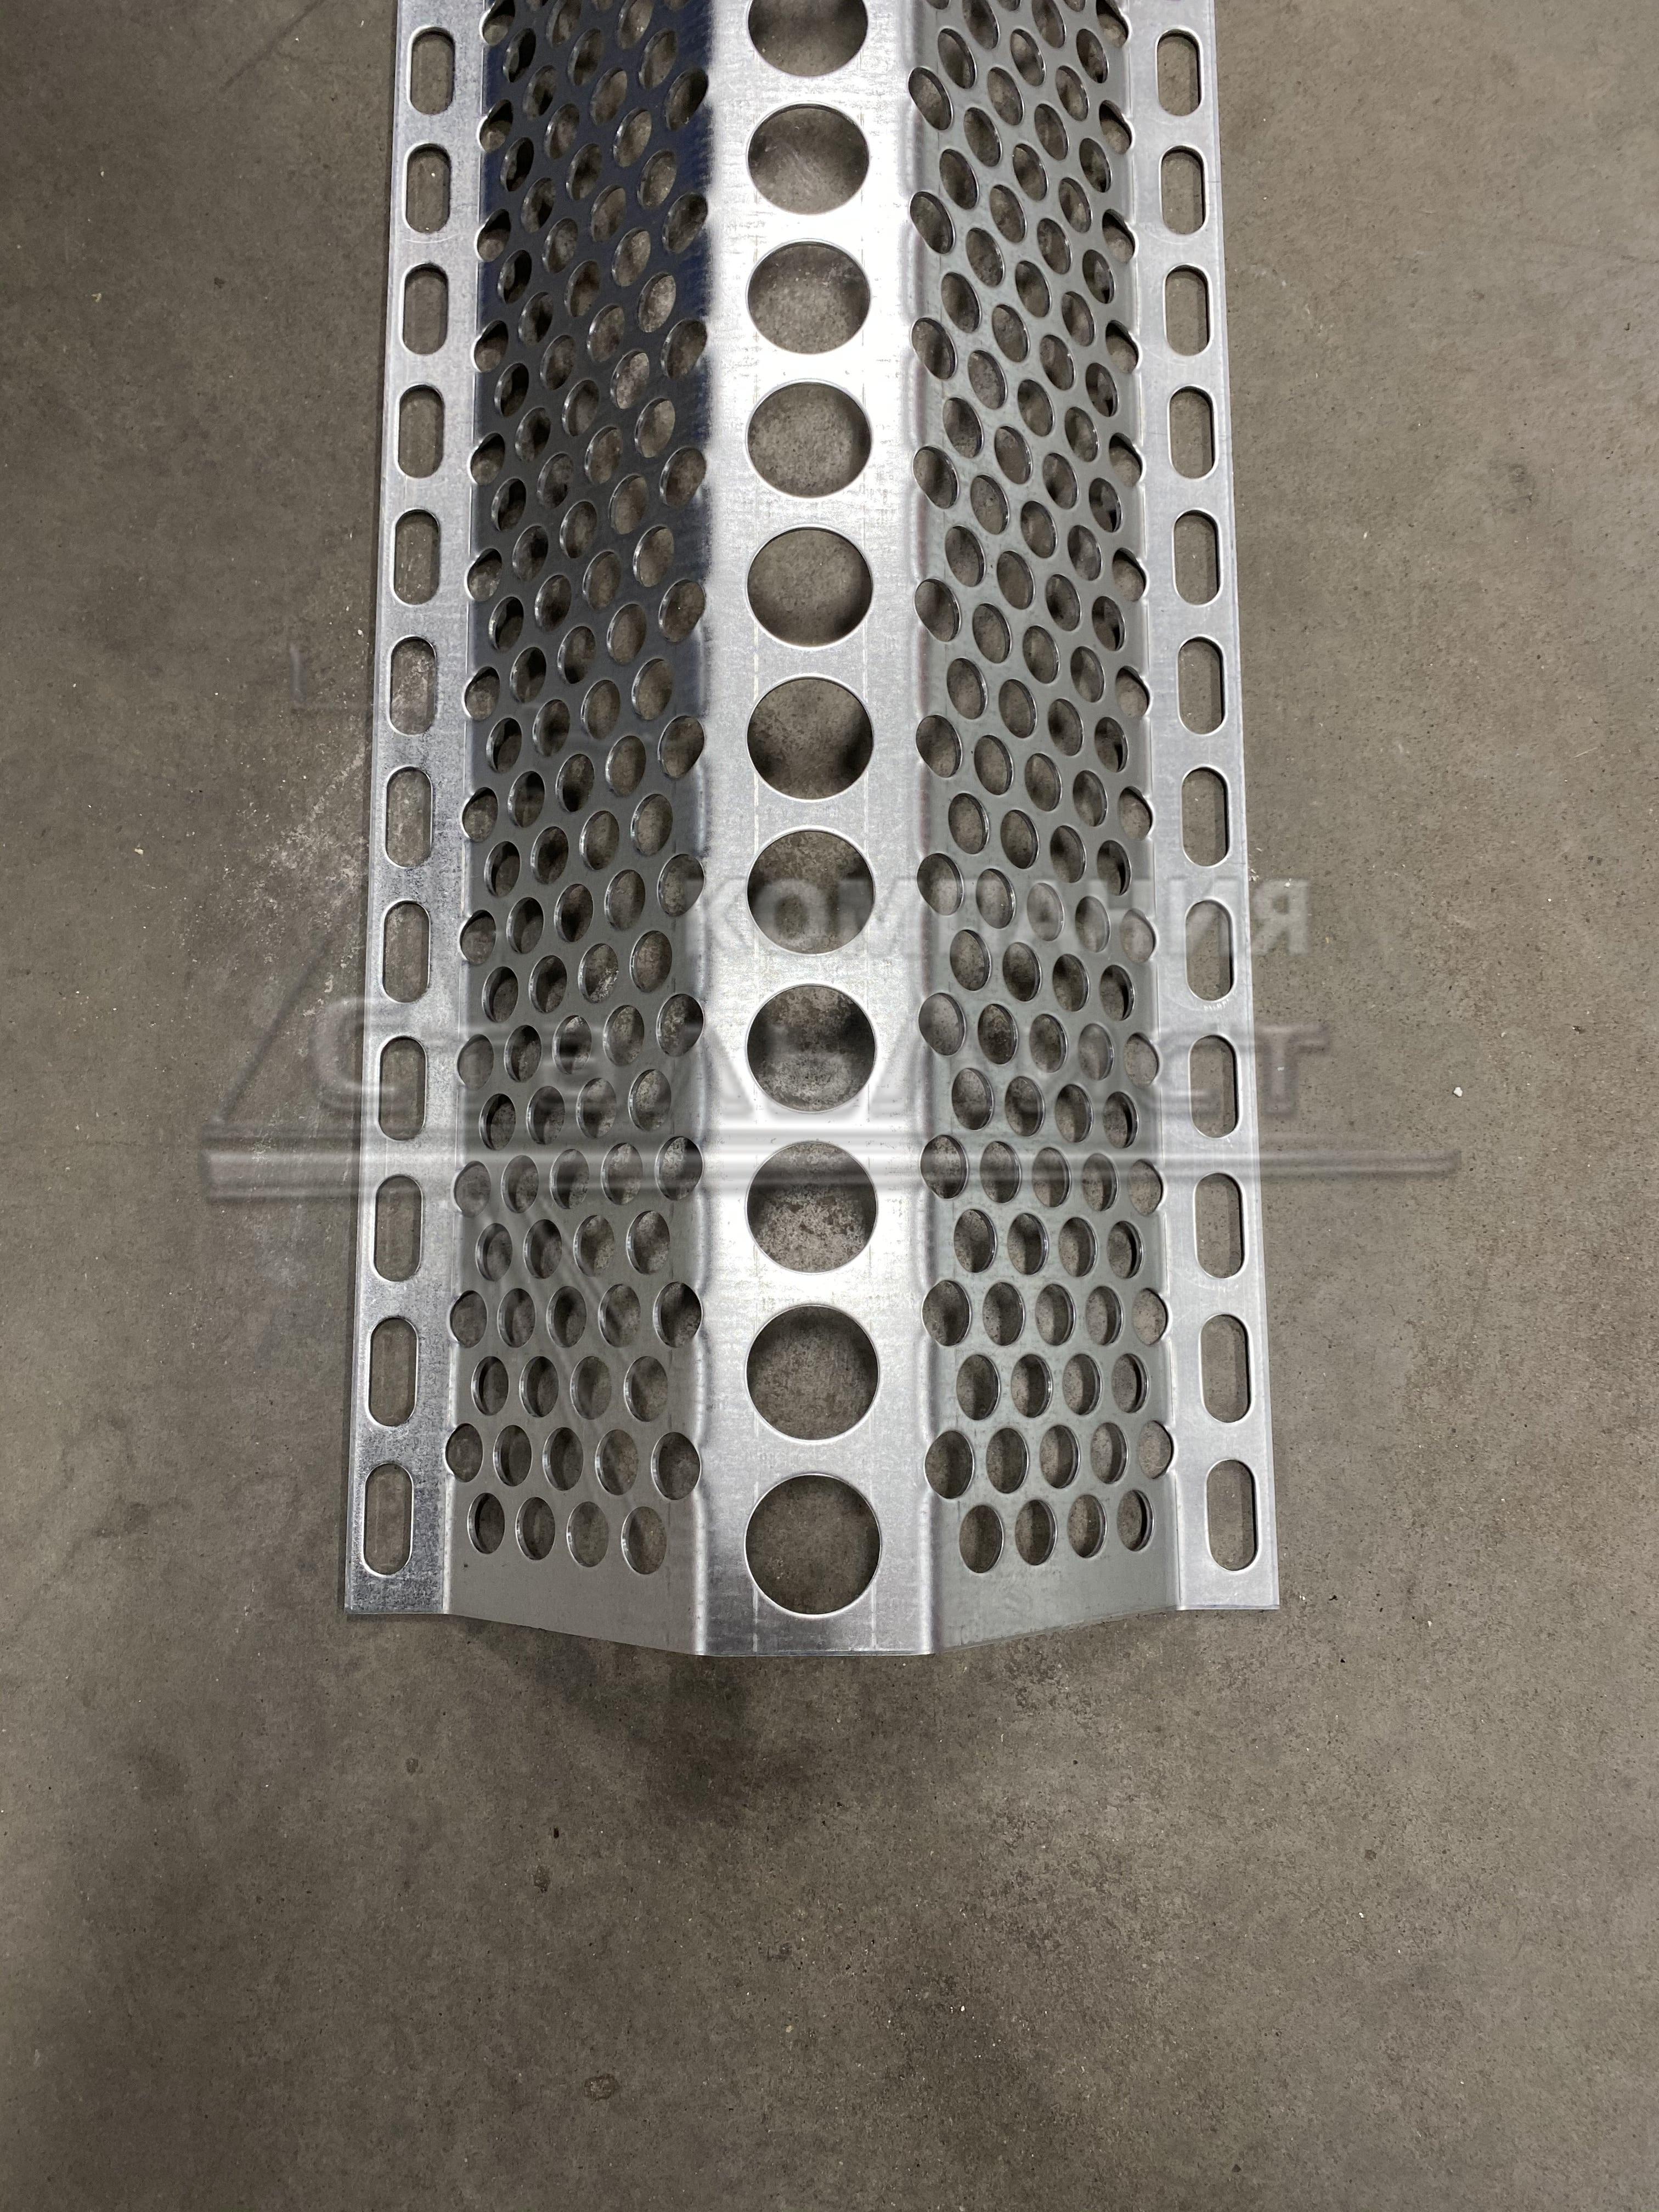 Пример изготовления ветропанелей из металла фото 4